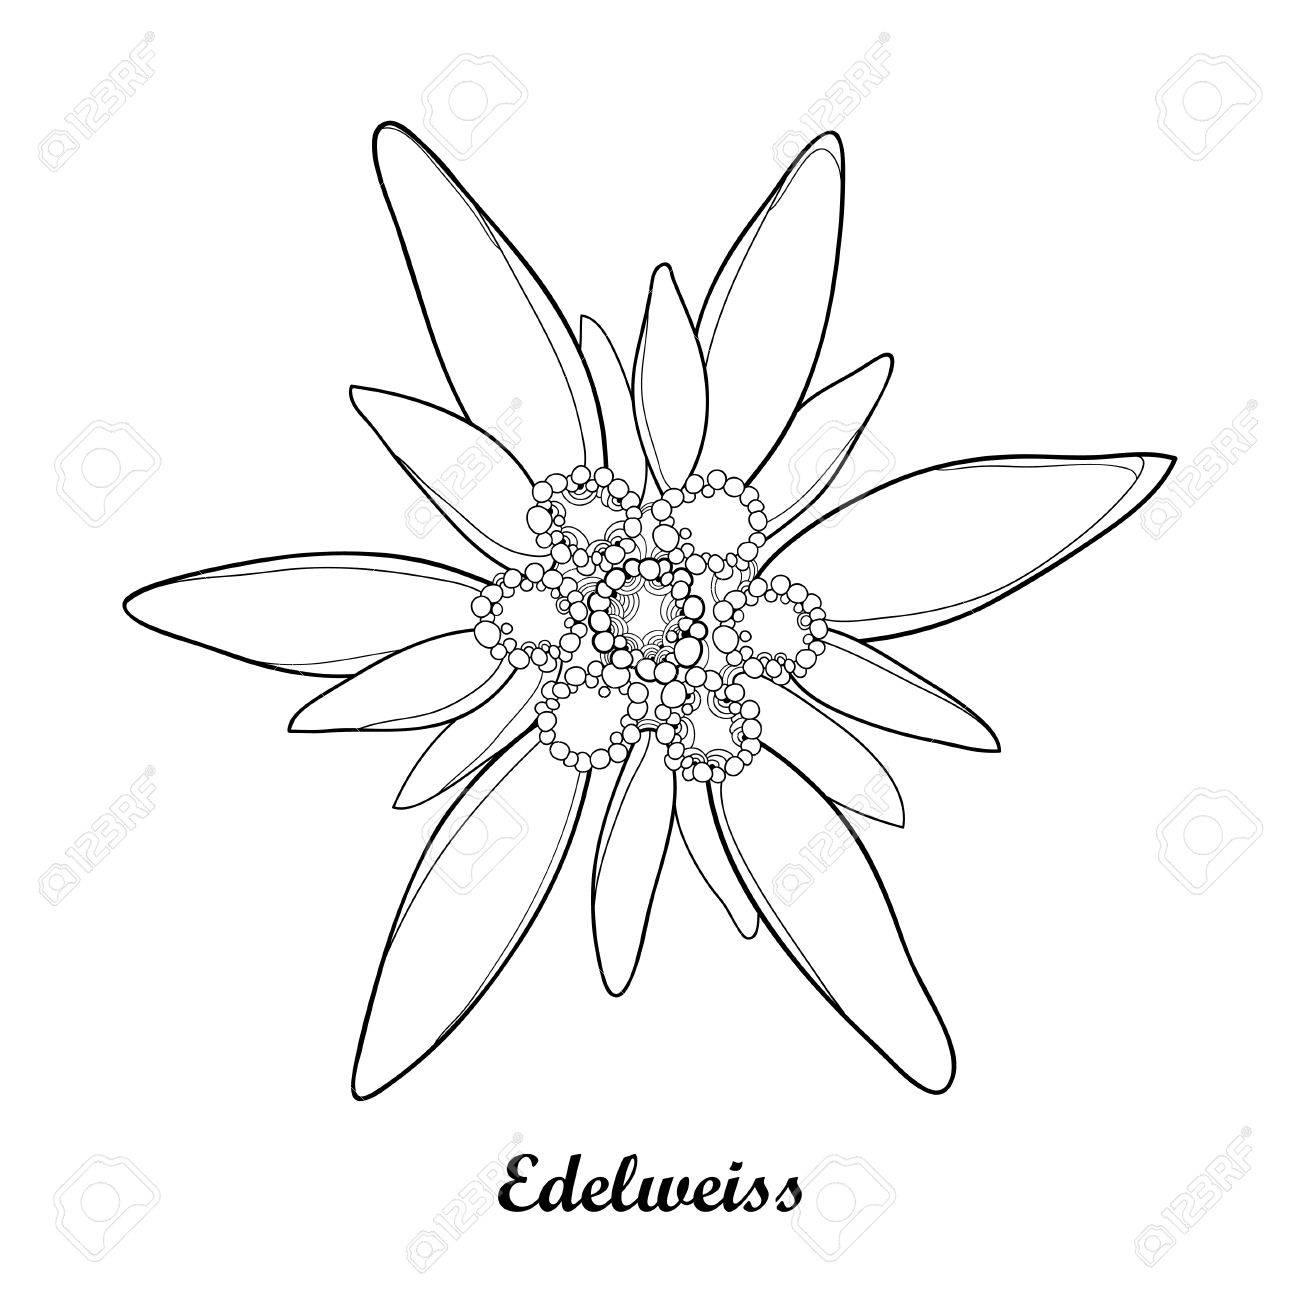 Coloriage Fleur Edelweiss.Illustration Avec Le Contour Edelweiss Ou Leontopodium Alpinum Isole